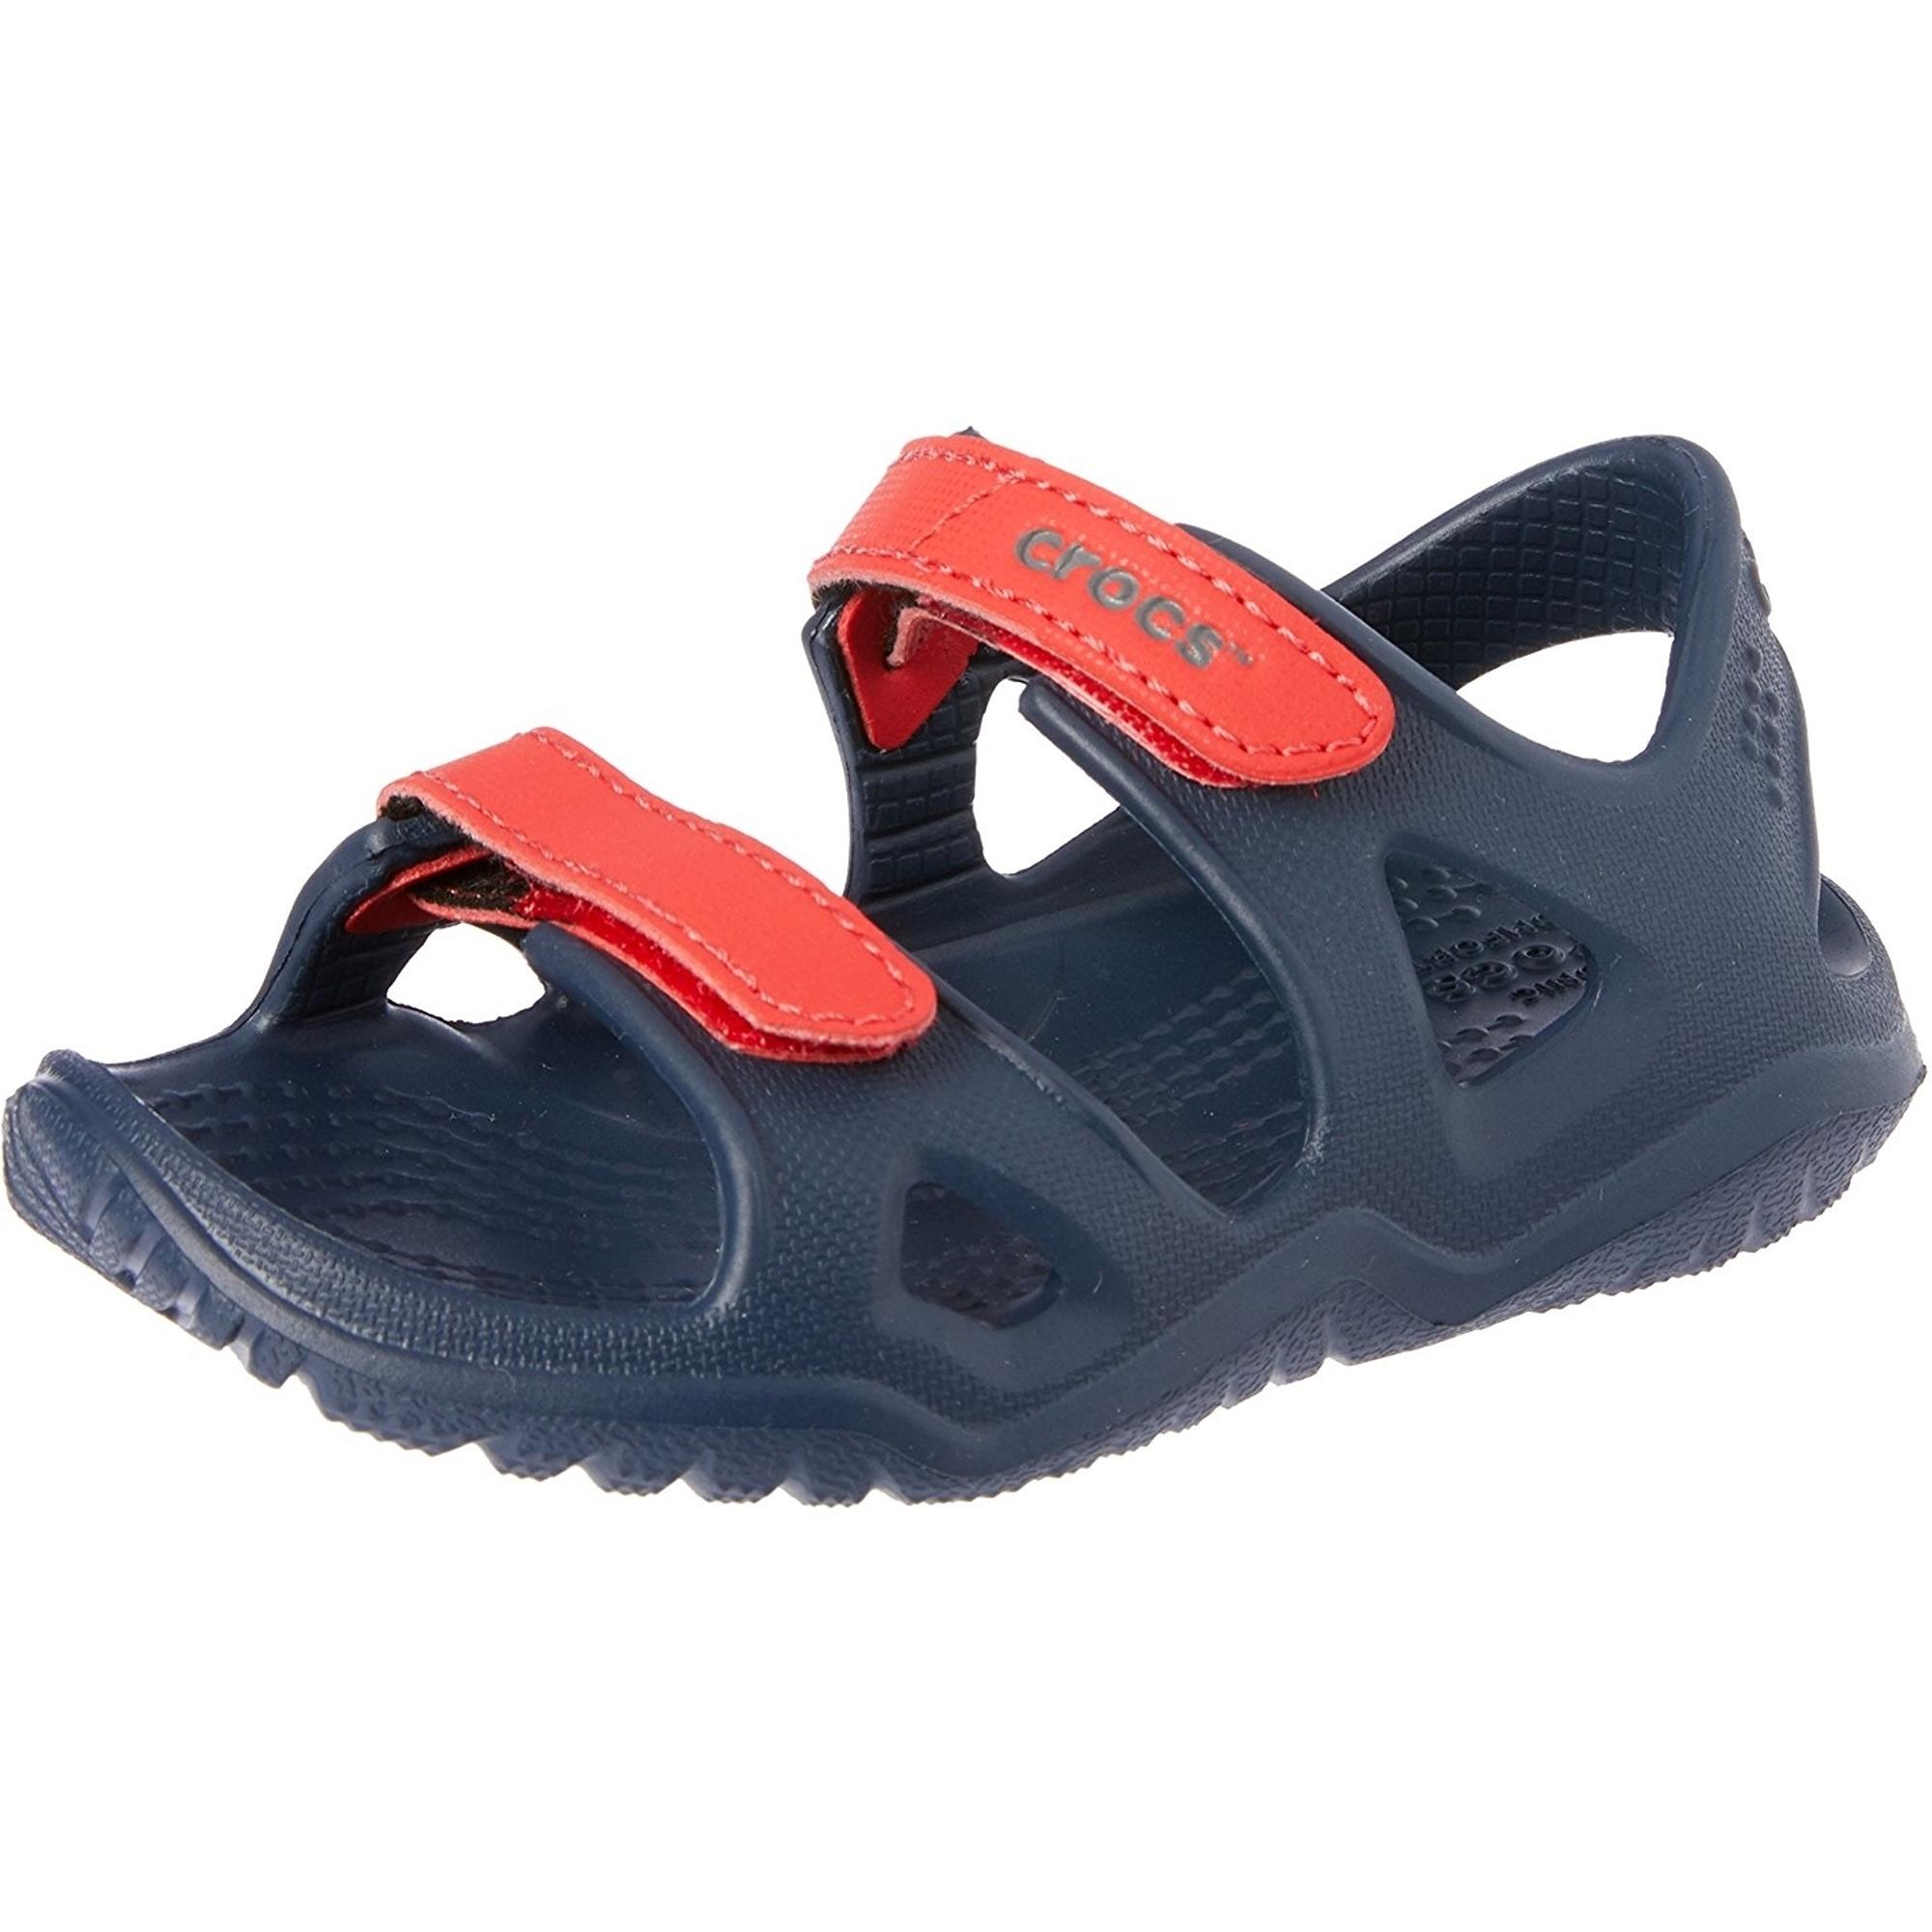 Crocs Swiftwater River Sandal K Navy Croslite Infant